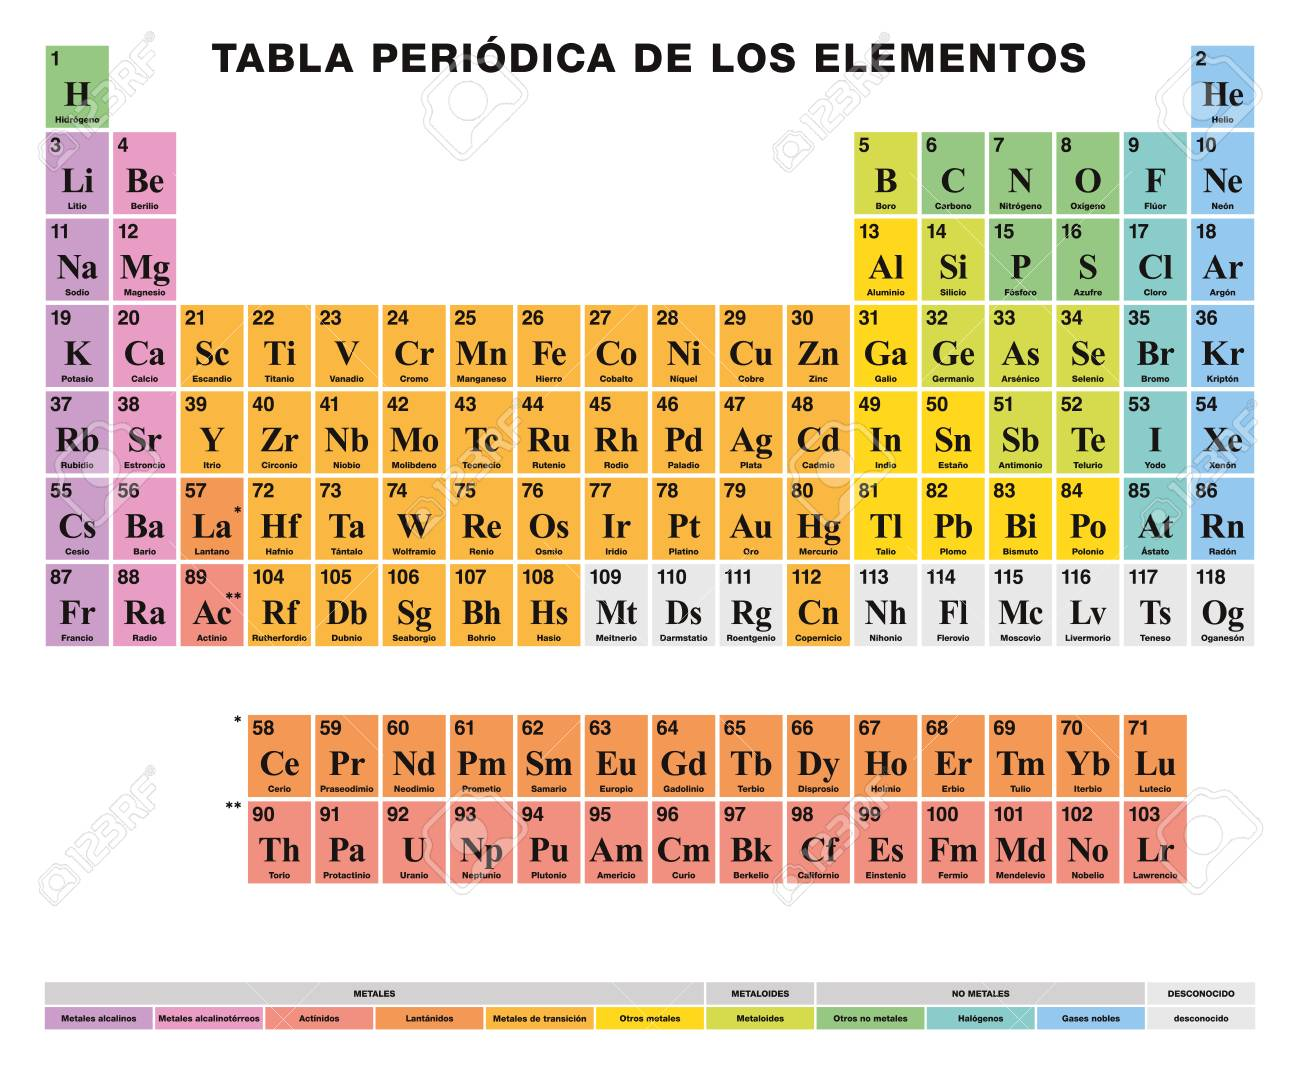 Tabla peridica de los elementos etiquetado en espaol disposicin tabular de 118 elementos qumicos nmeros atmicos smbolos nombres y foto de archivo tabla peridica de los elementos etiquetado en espaol disposicin tabular de 118 elementos qumicos nmeros atmic Image collections